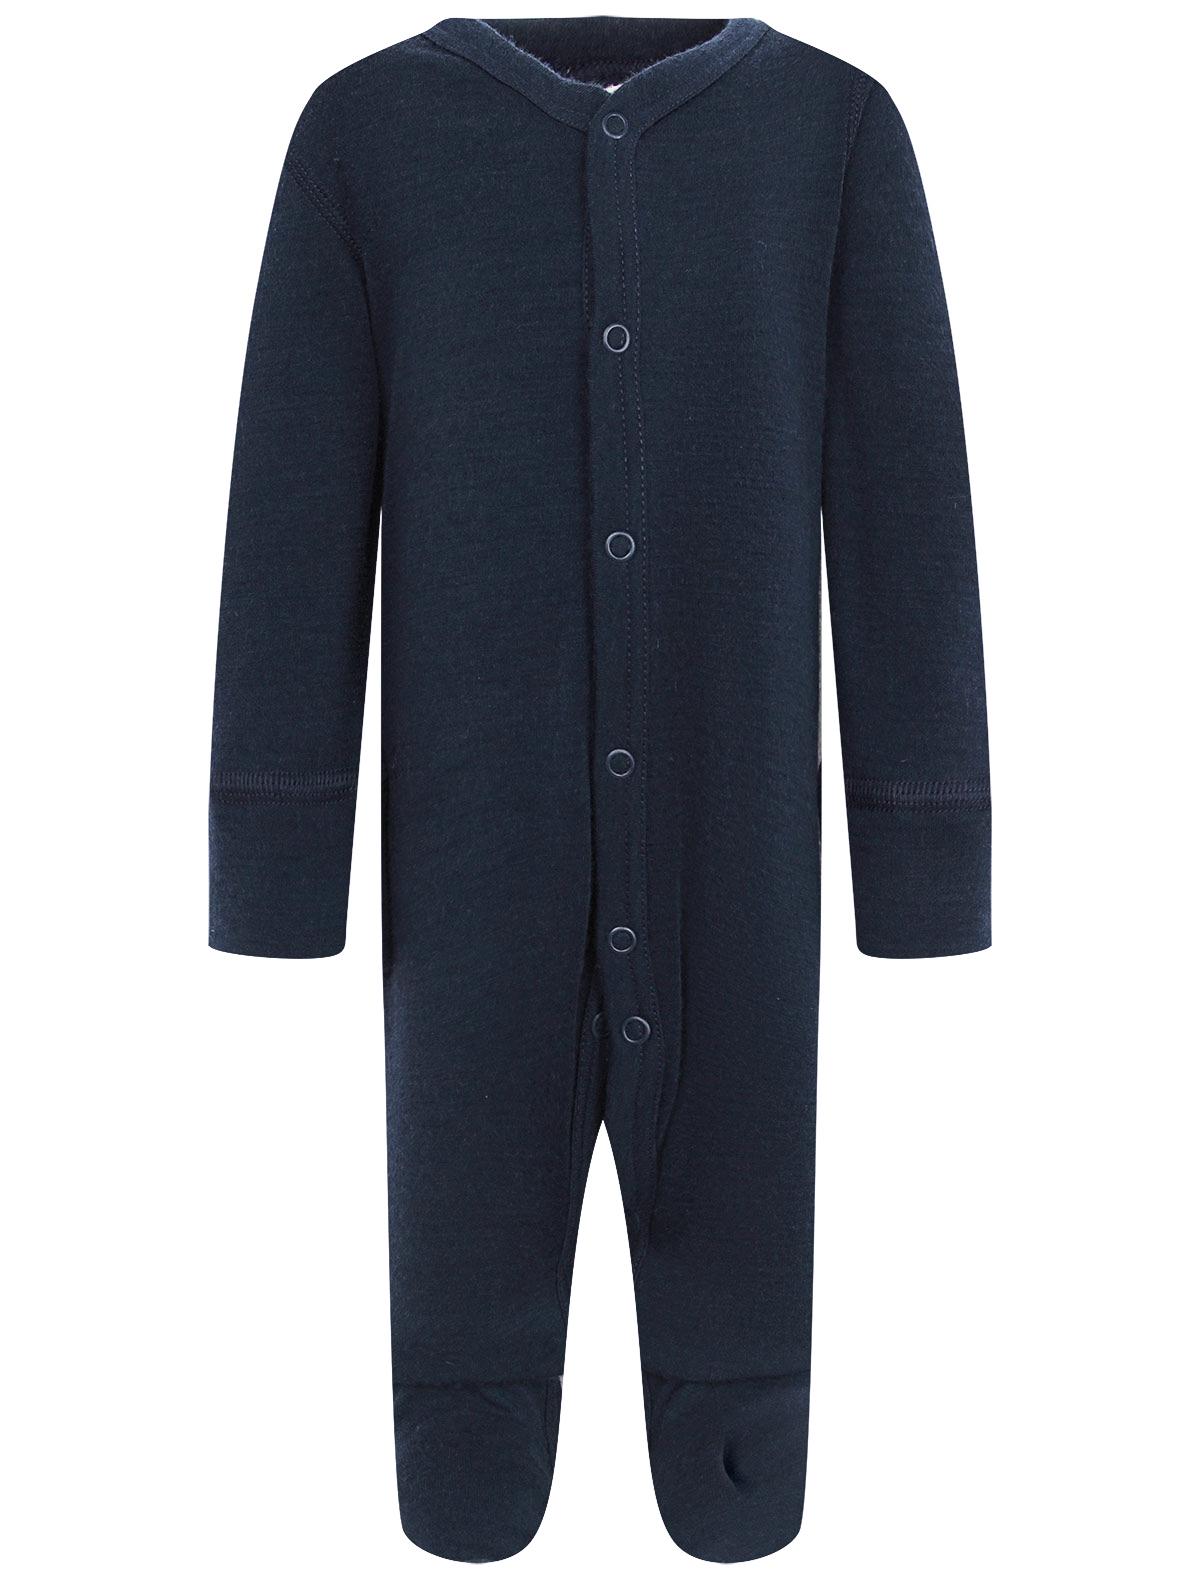 Купить 2145883, Комбинезон Air wool, синий, Мужской, 1281419980131